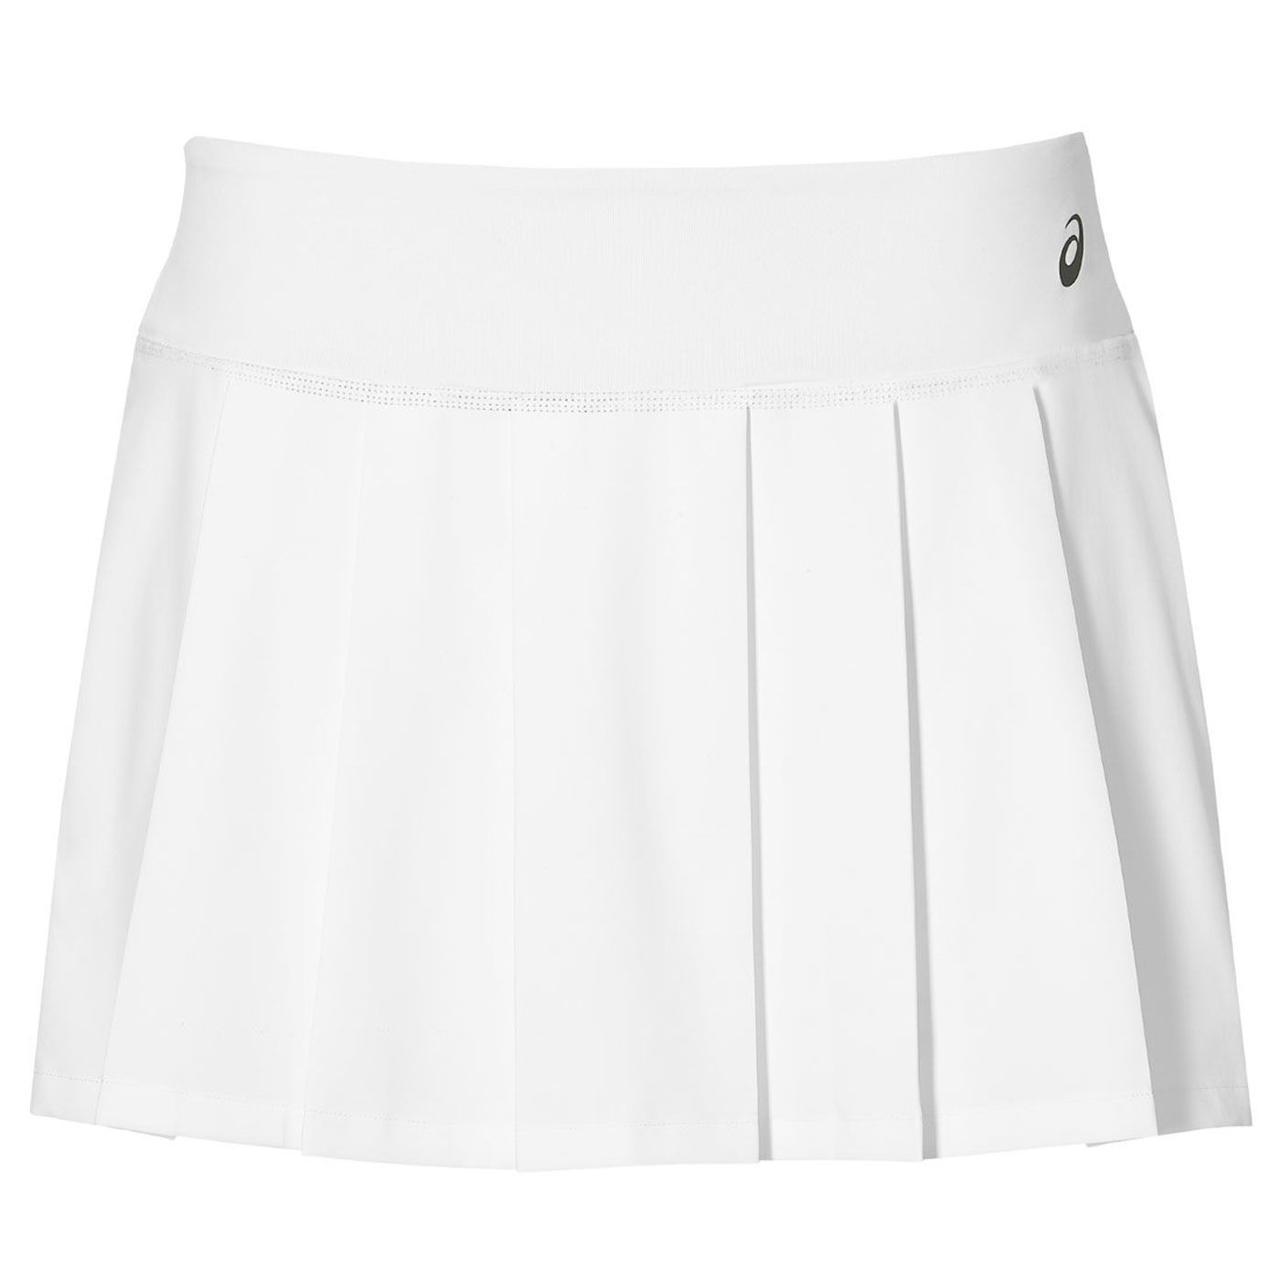 Женская теннисная юбка Asics Club Skort (143631-0001)